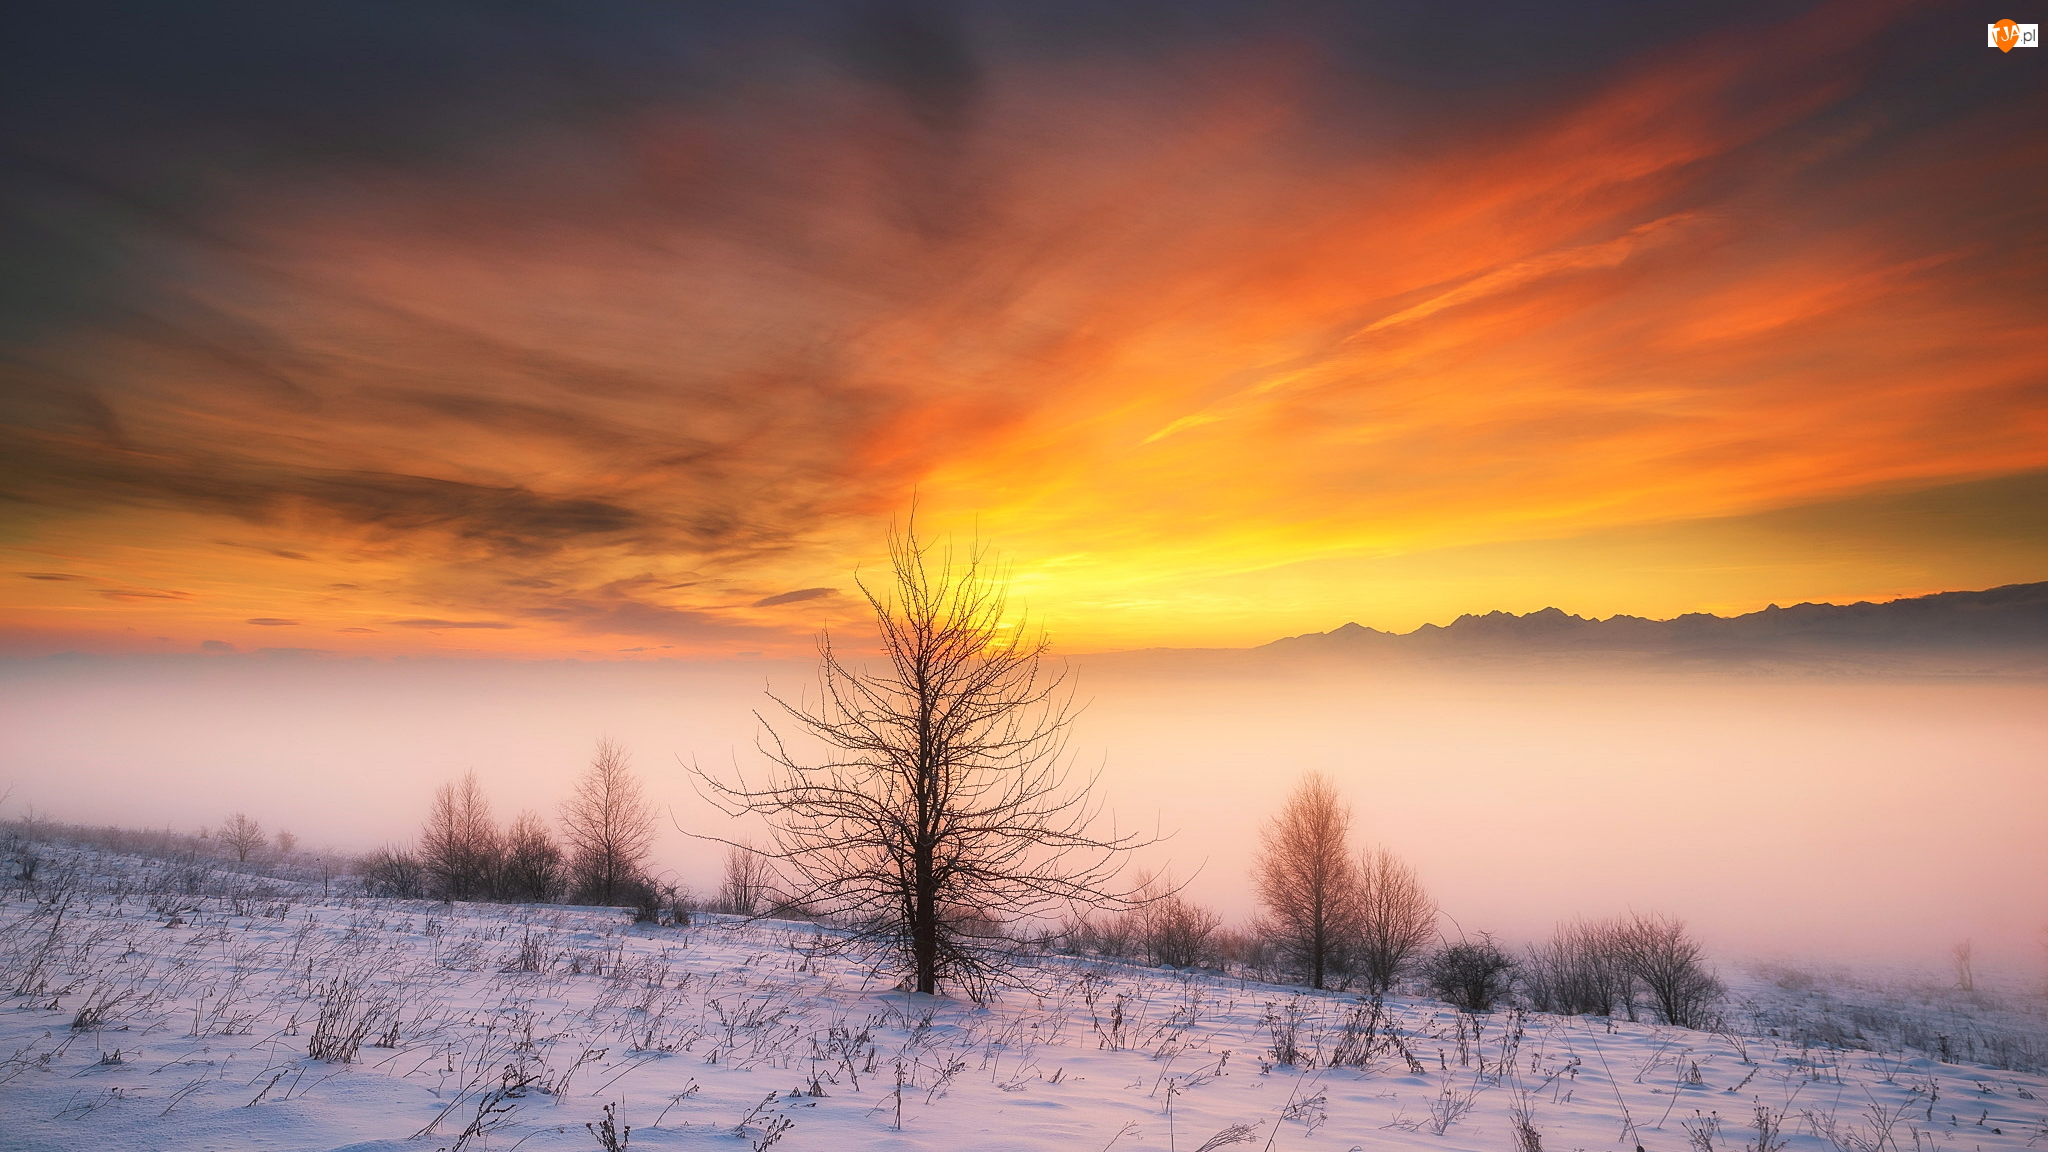 Drzewa, Krzewy, Mgła, Zima, Chmury, Wschód słońca, Góry